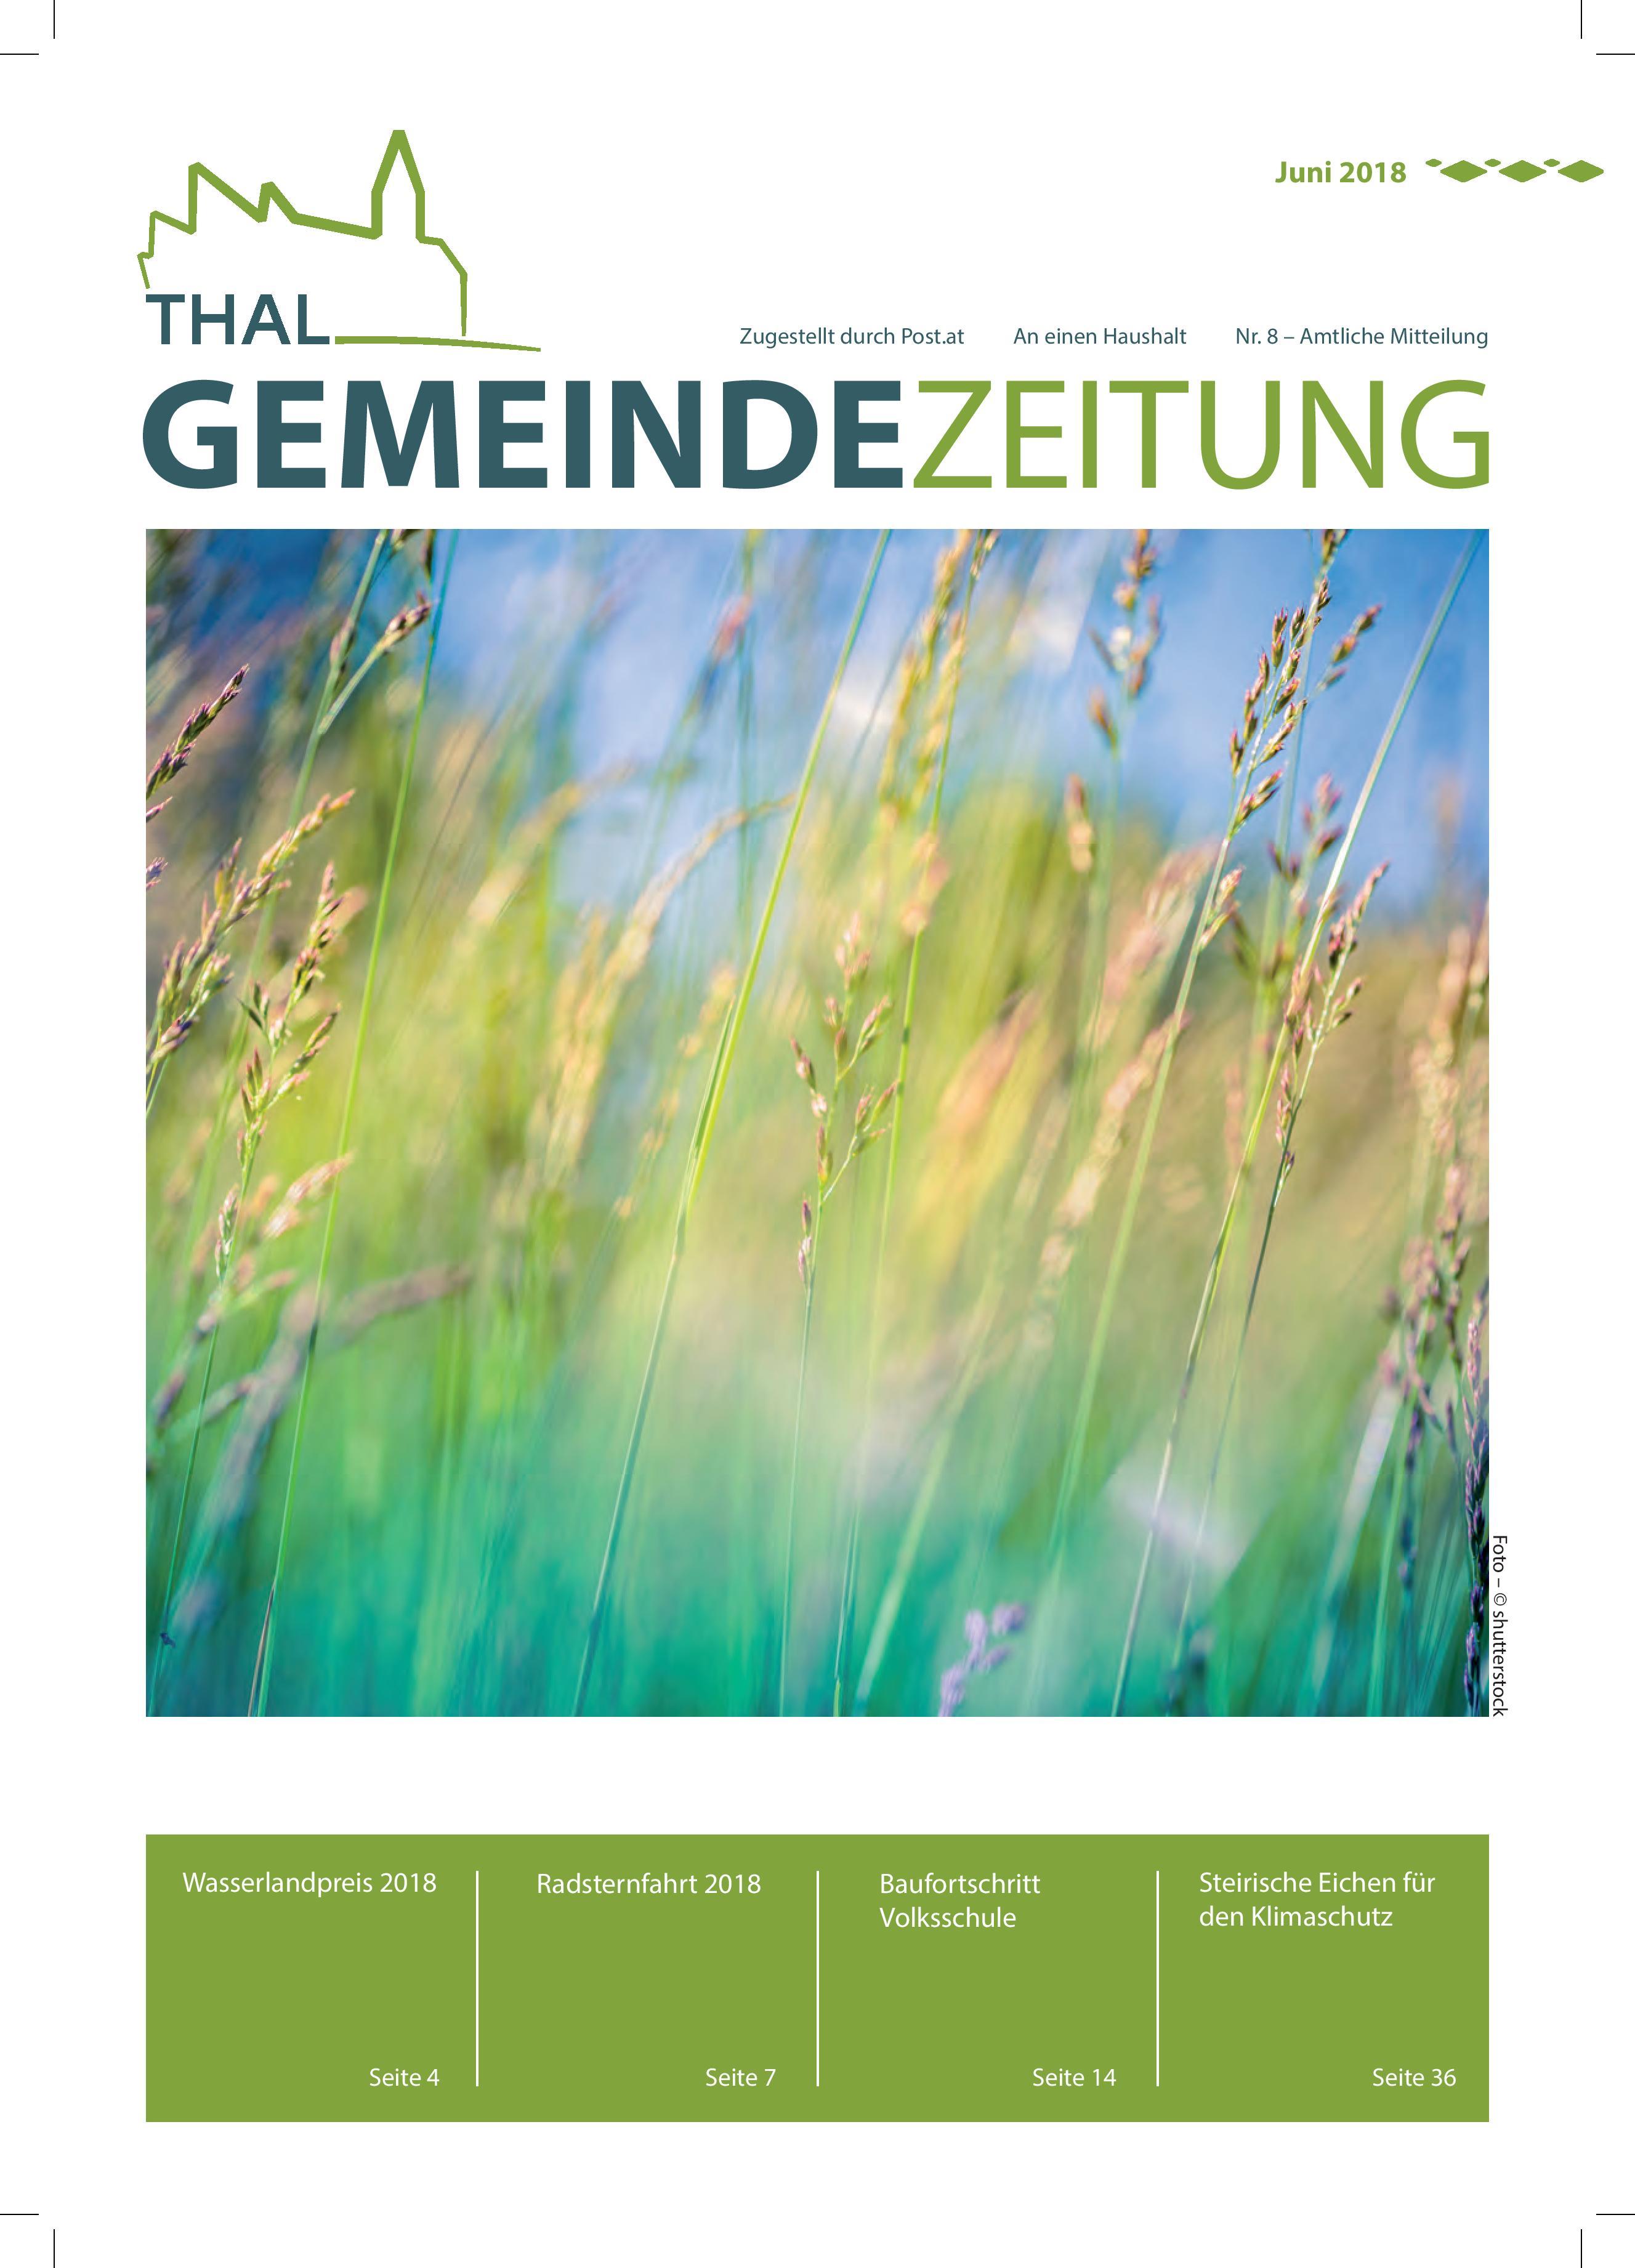 gemeindeTHAL-Zeitung_Juni18-page-001